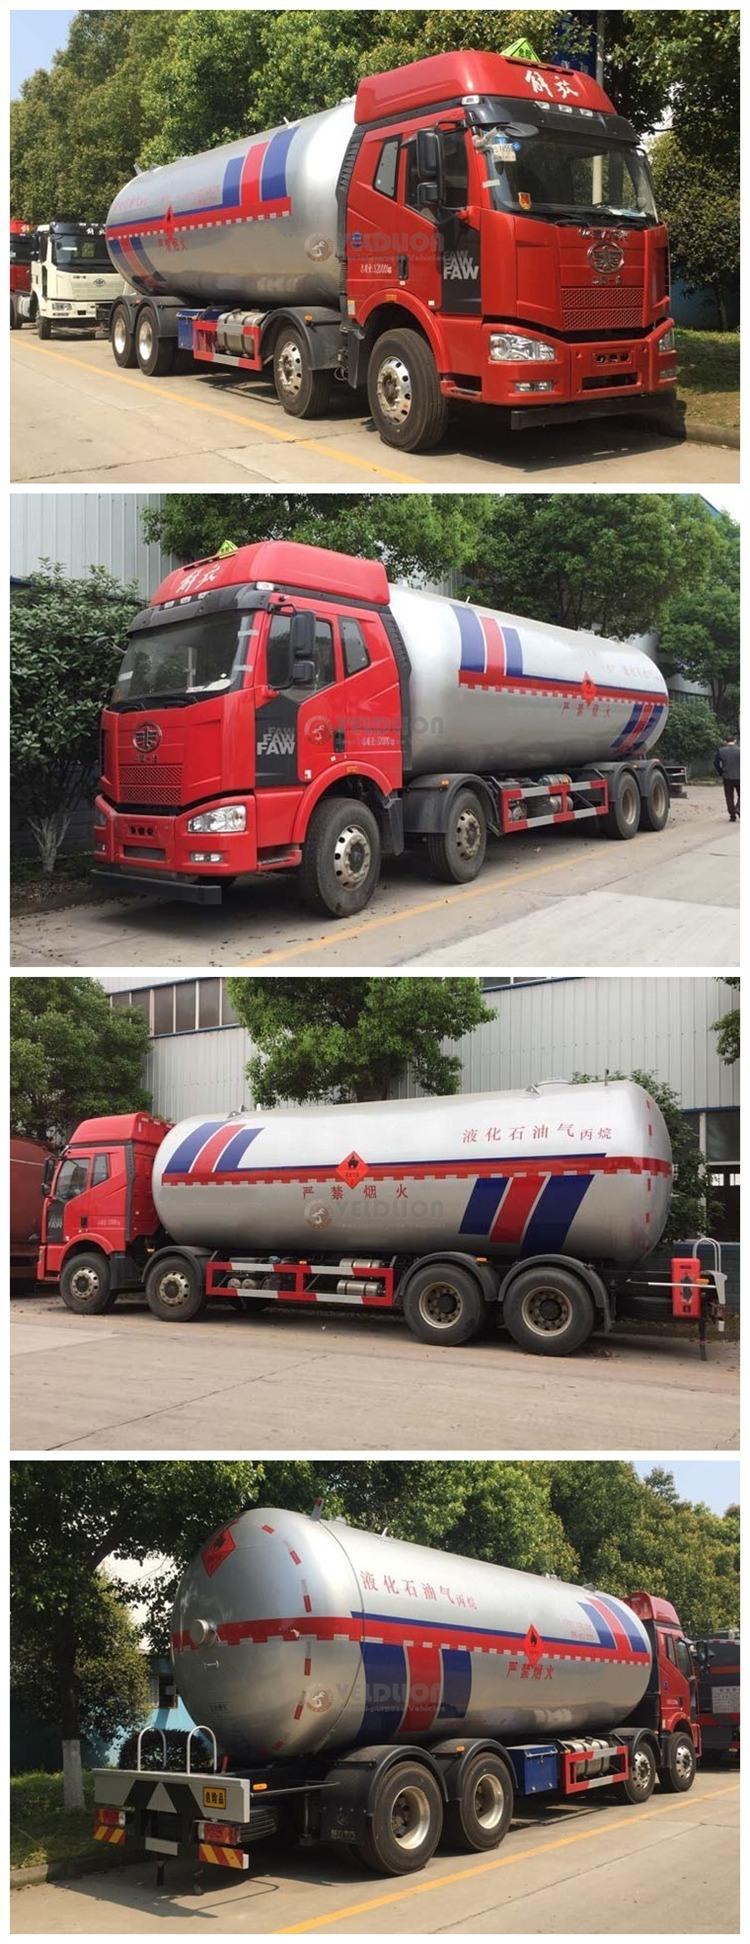 34.5cbm 35.5cbm Mobile LPG Propane Gas Storage Tank Station Truck Bobtail Tanker Filling Tank Dispenser Truck